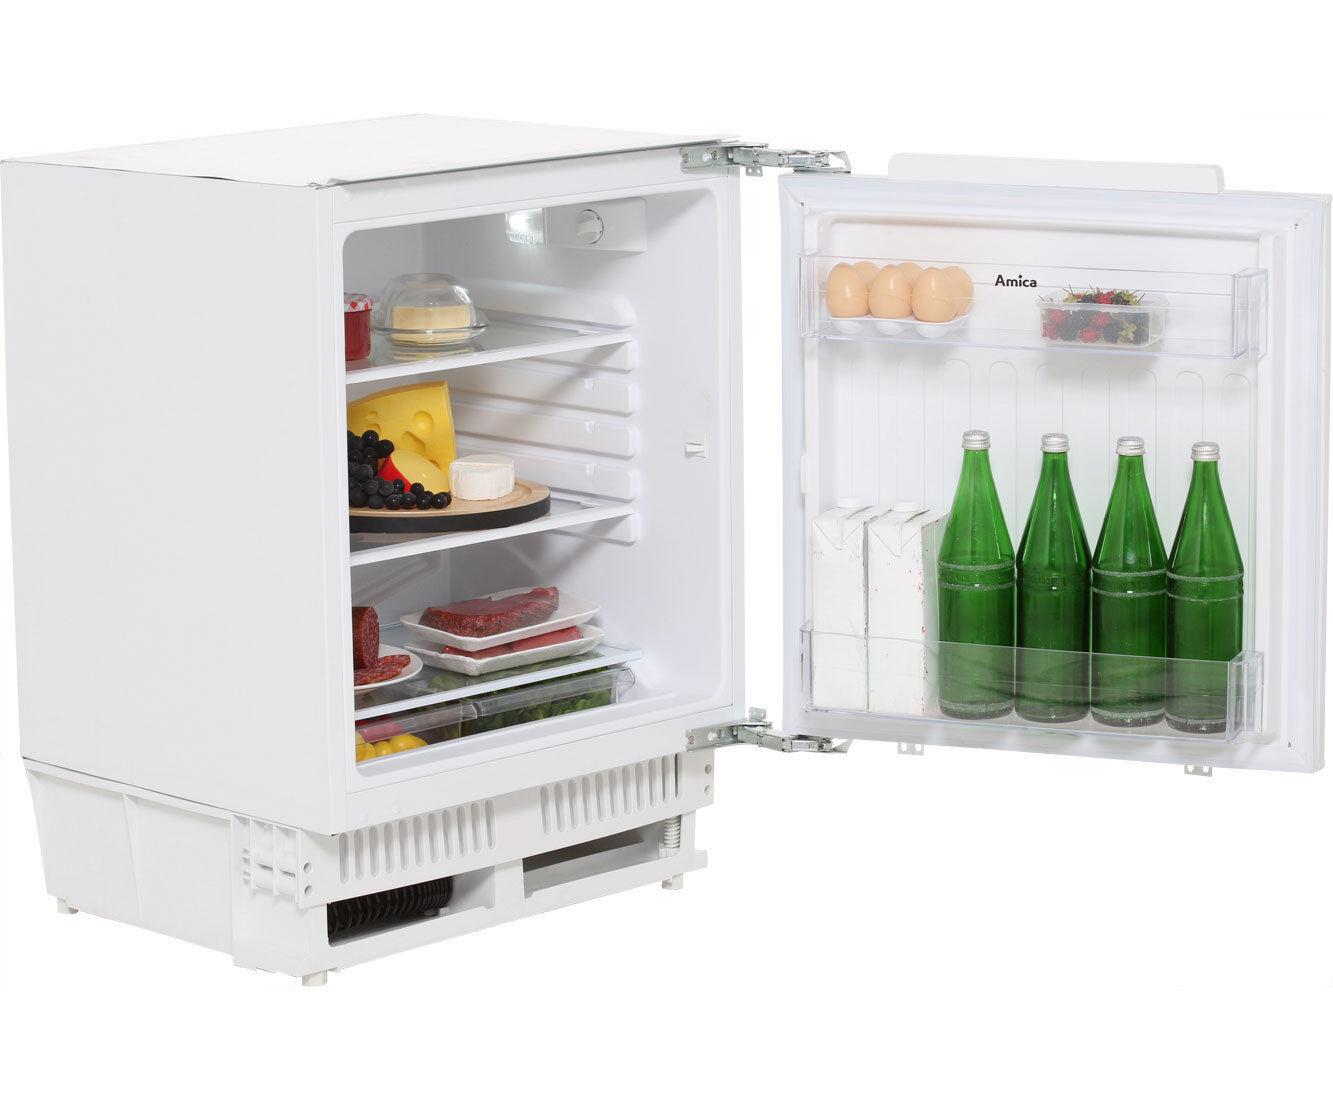 Bomann Kühlschrank Unterbaufähig : Amica uvks 16149 unterbau vollraum kühlschrank weiß günstig kaufen